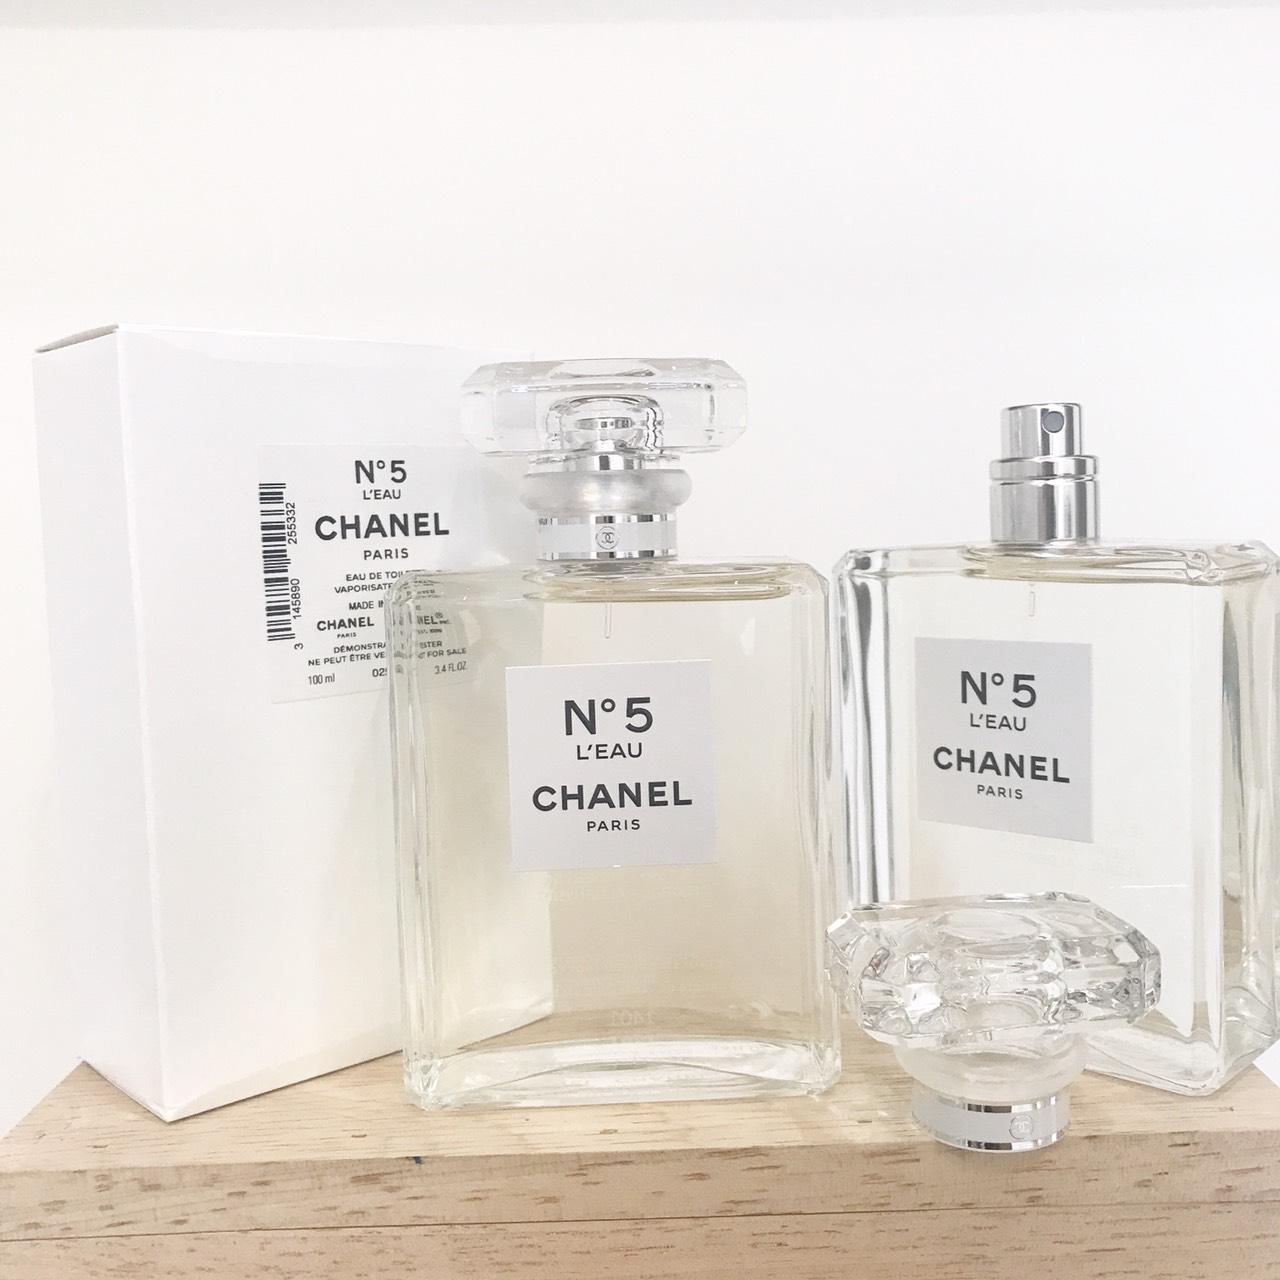 น้ำหอม (กล่องเทสเตอร์) Chanel No.5 L'eau EDT 100ml. ของแท้ 100%